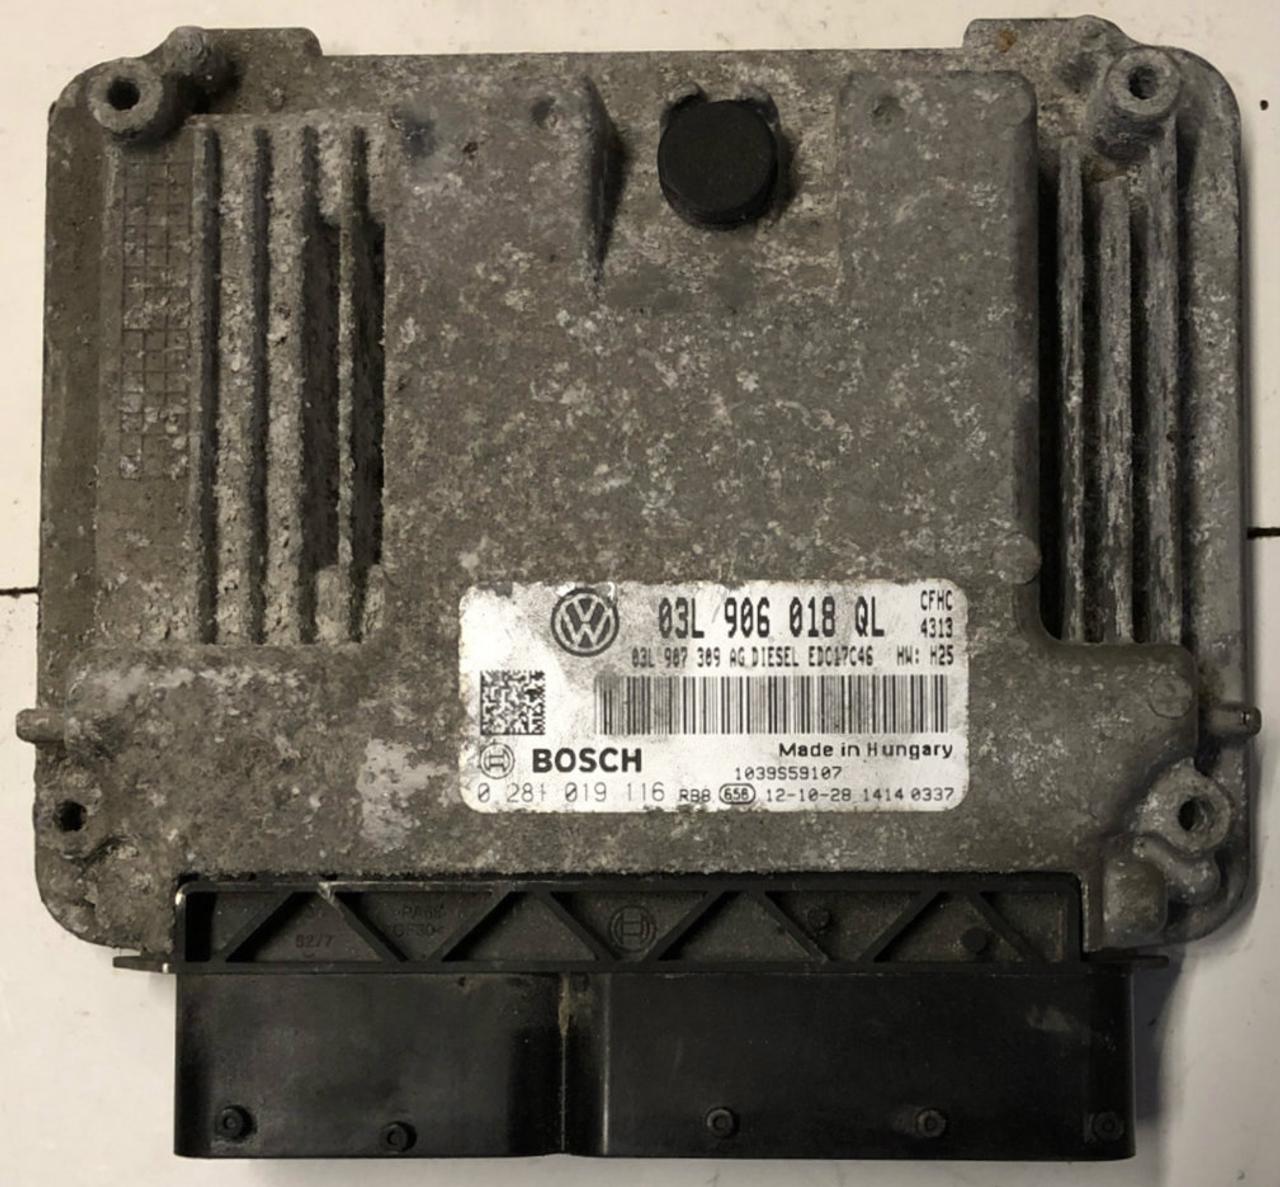 Skoda Yeti 2.0 TDI 4x4, 0281019116, 0 281 019 116, 03L906018QL, 03L 906 018 QL